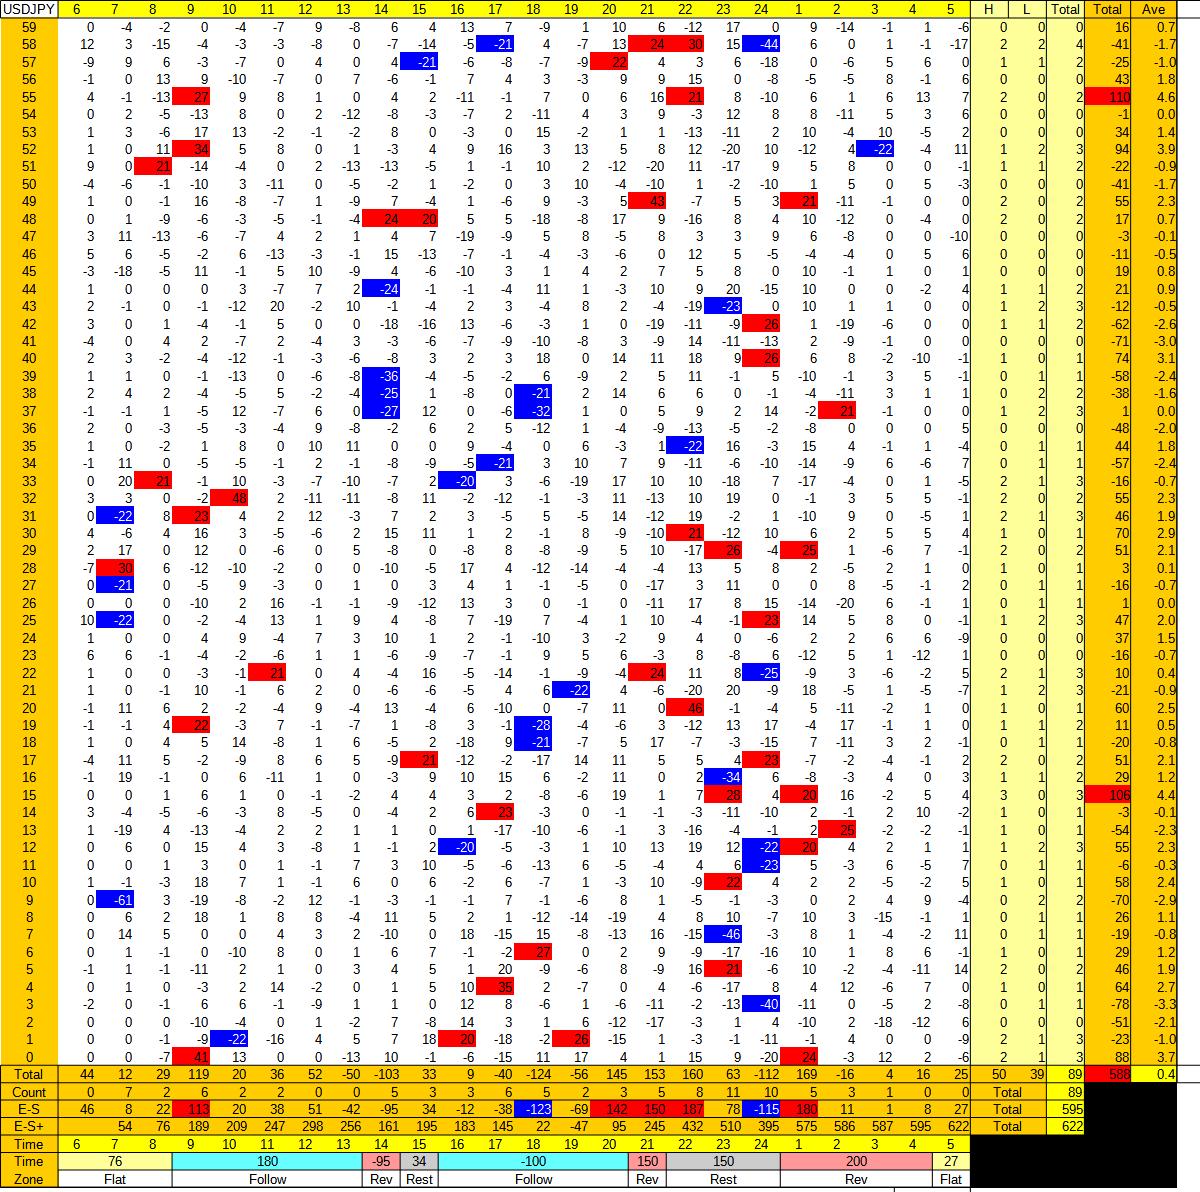 20210216_HS(1)USDJPY